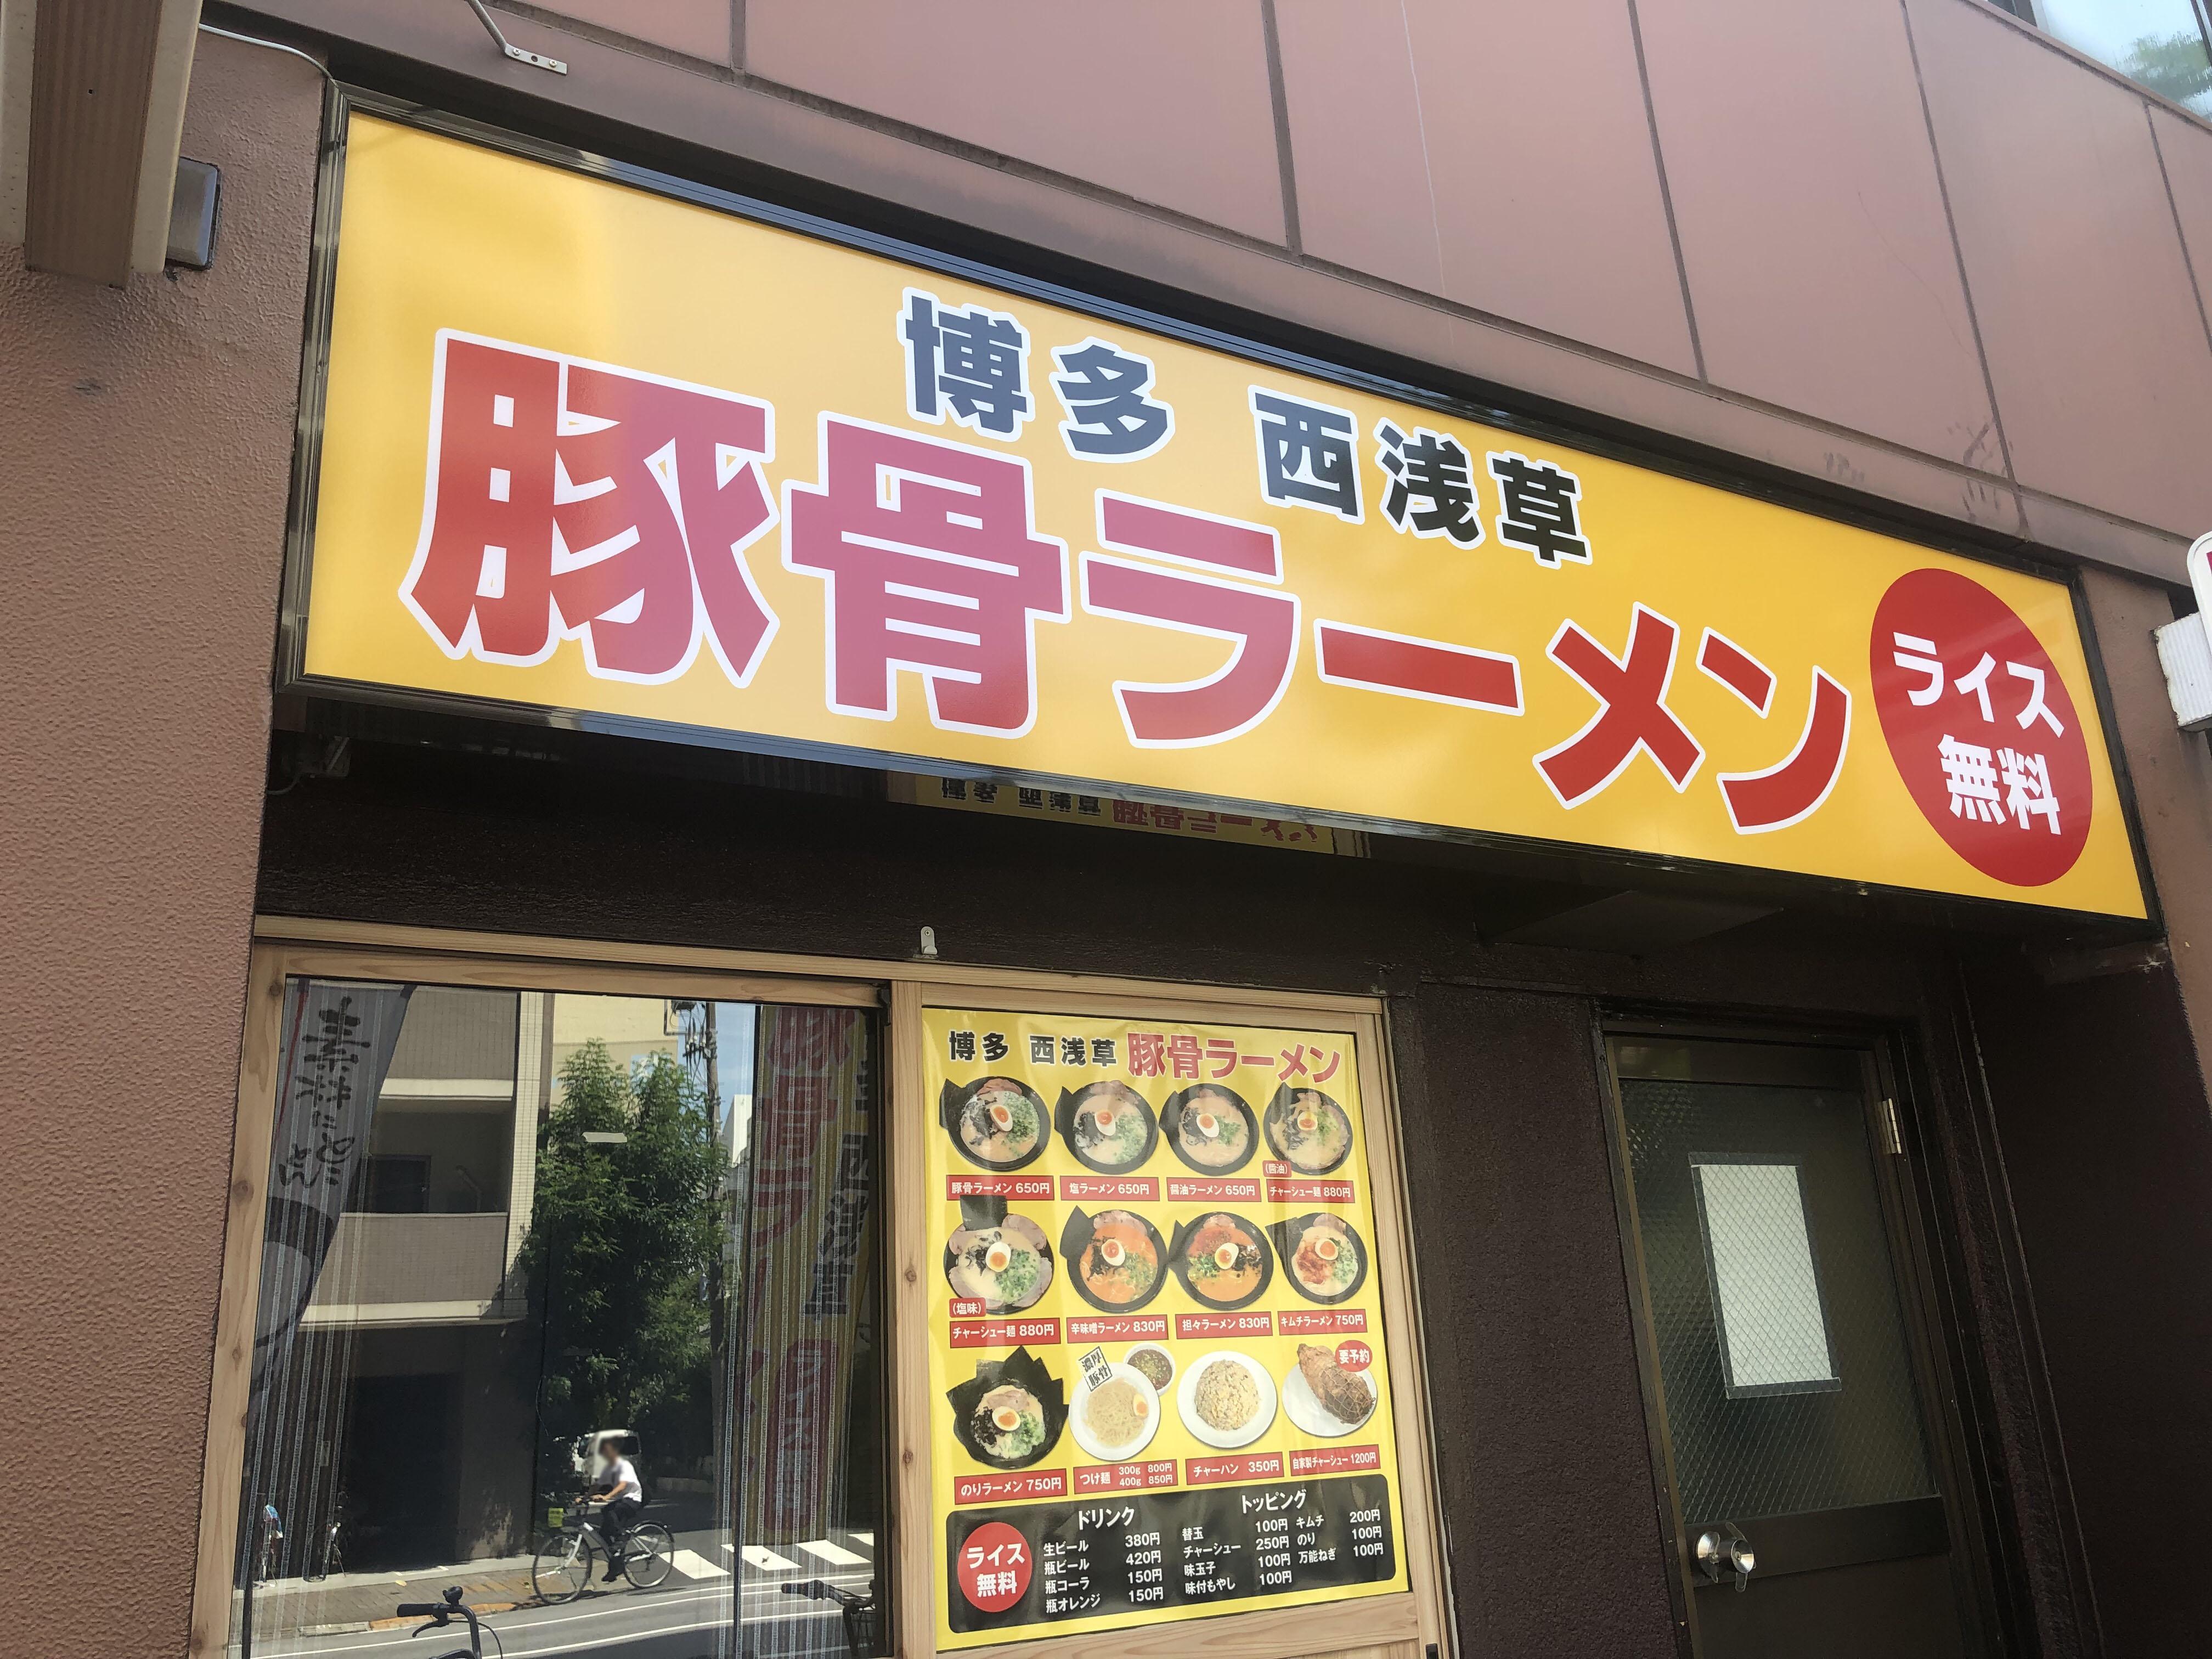 【西浅草】浅草駅から徒歩5分 博多西浅草豚骨ラーメン『龍』をご紹介!